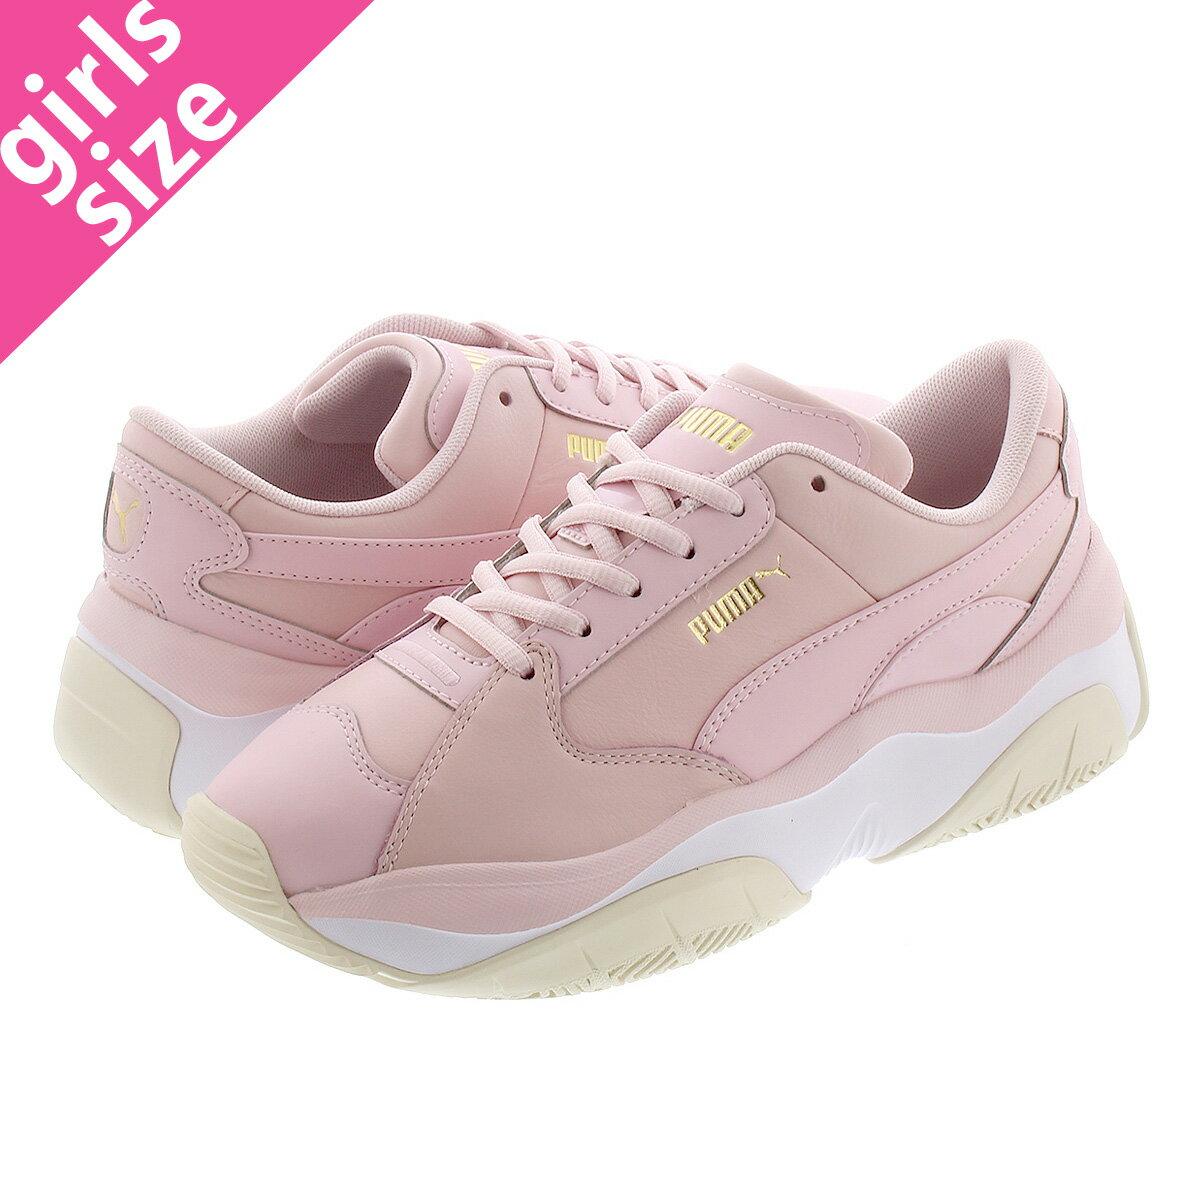 レディース靴, スニーカー  PUMA STORMY L WNS L PARFAIT PINK 372166-01